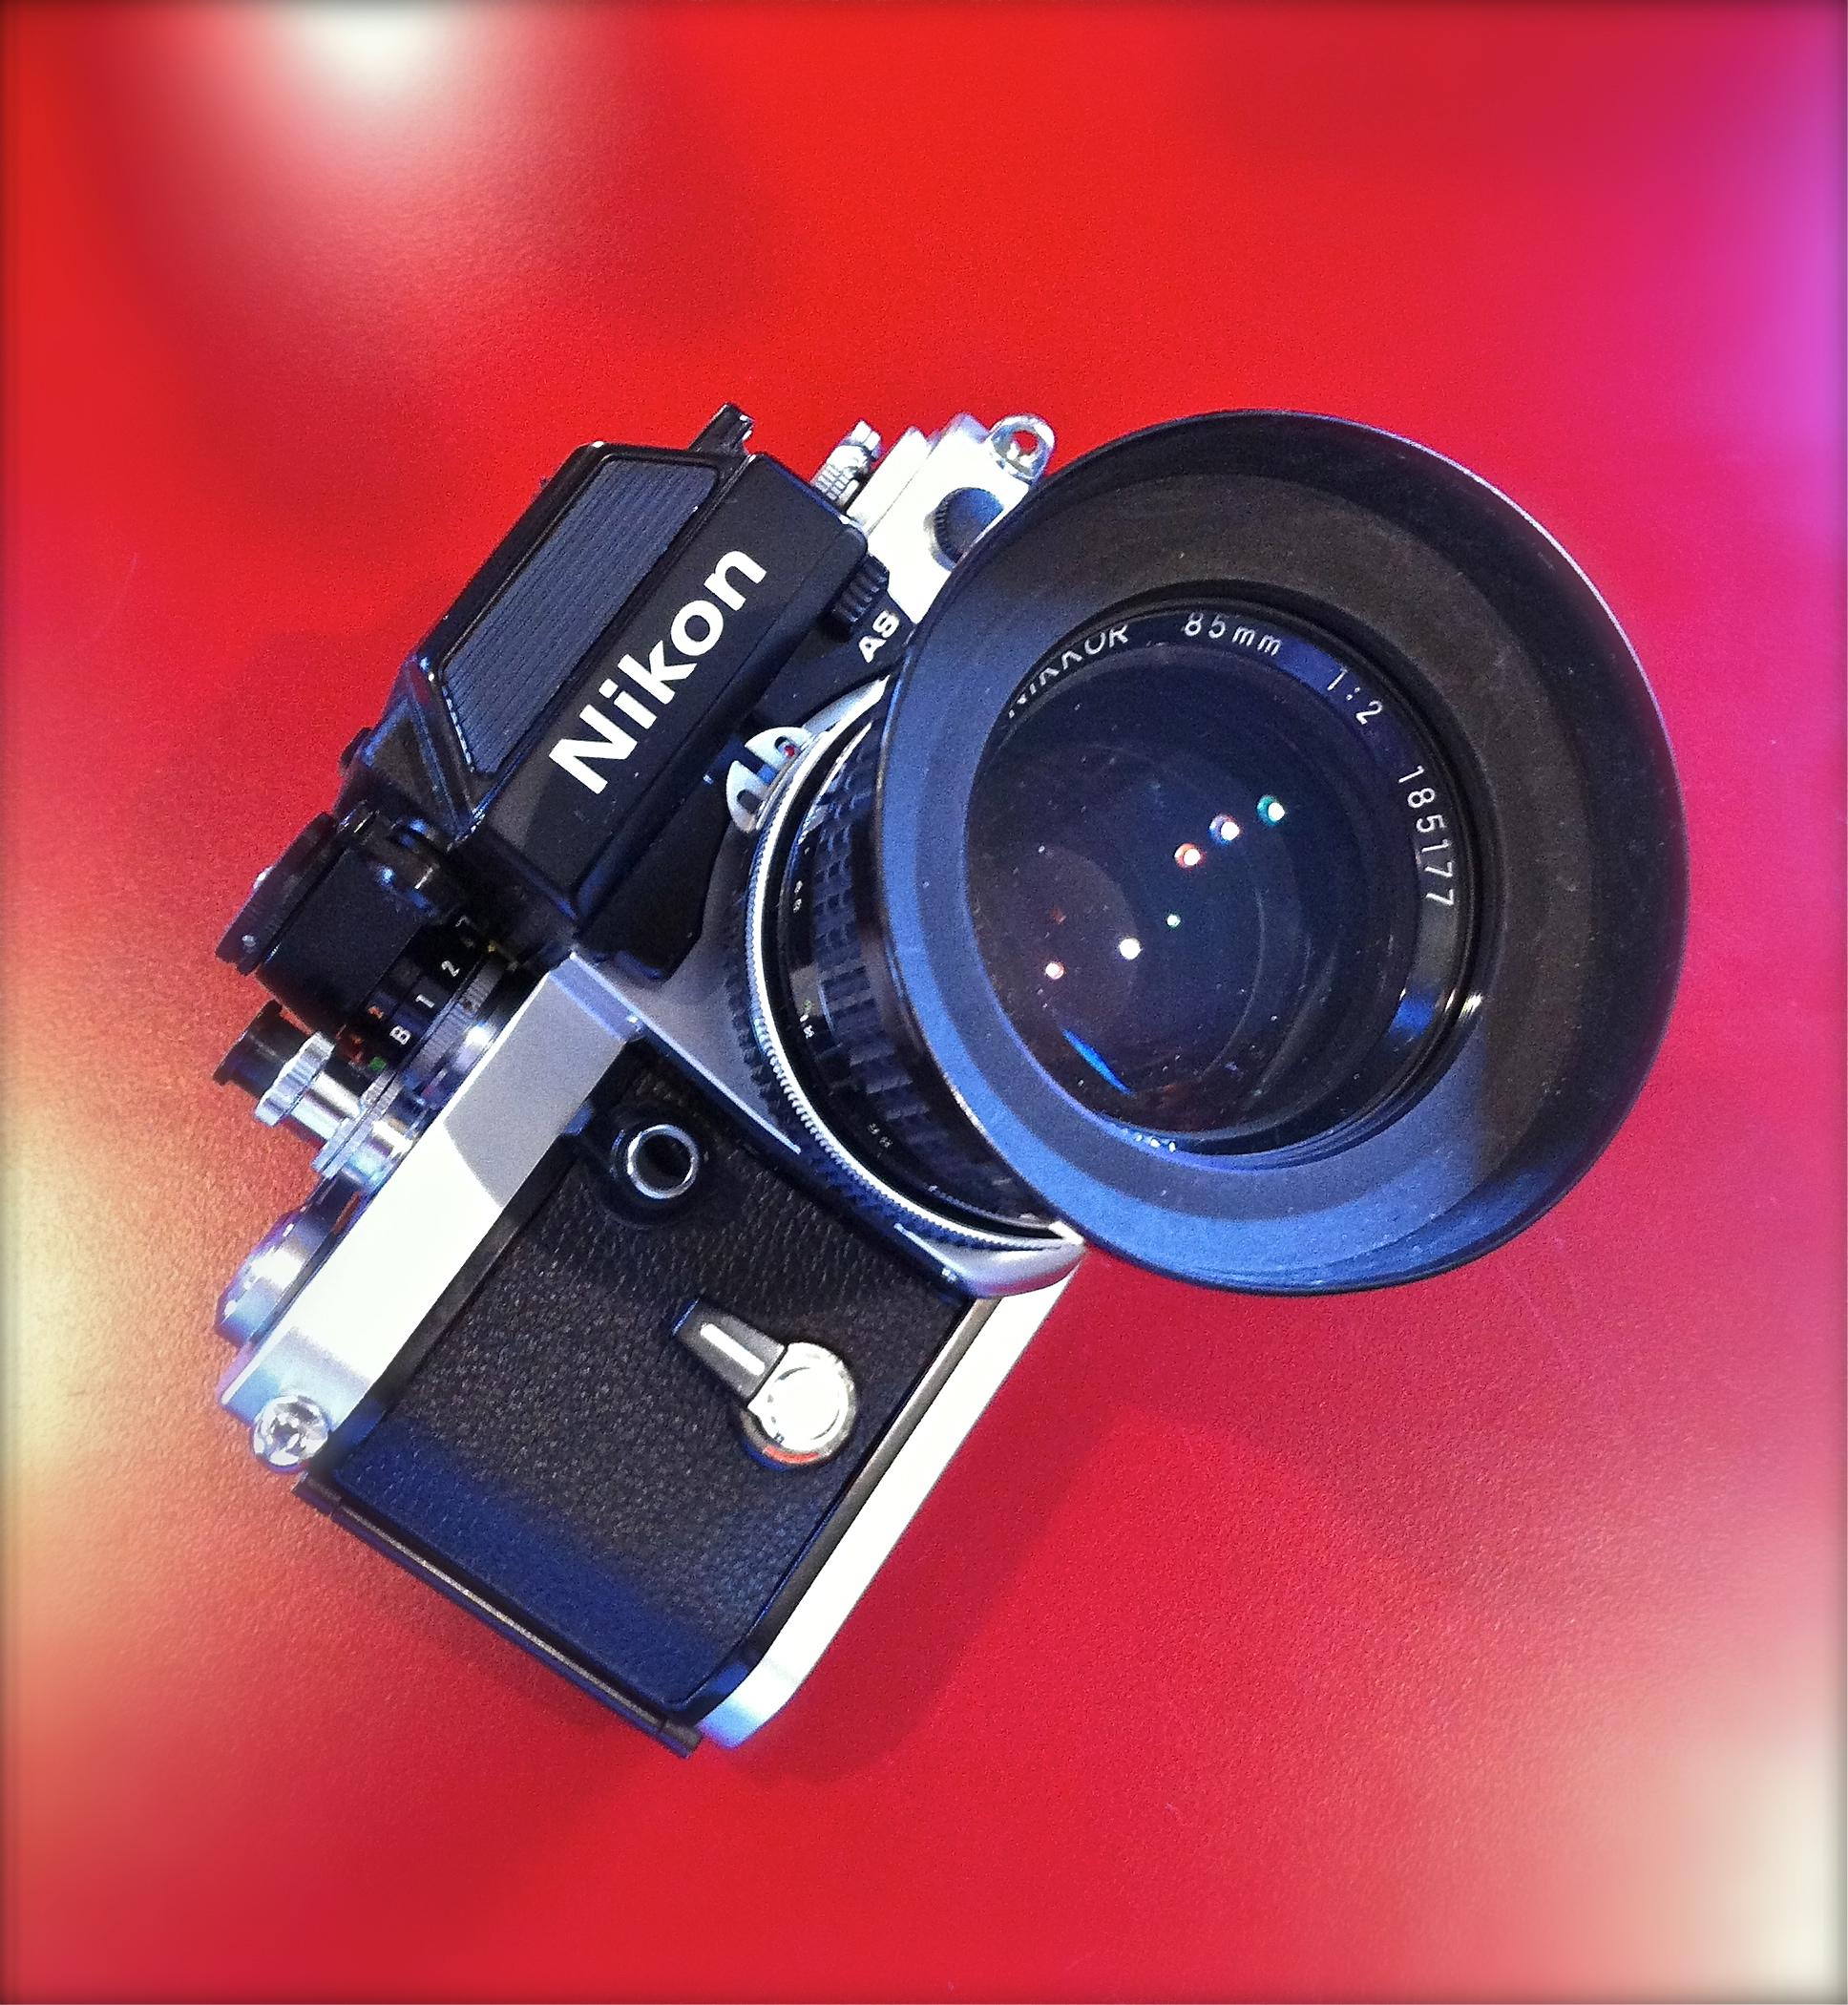 Nikon F2 with 85mm f/2 Nikkor lens